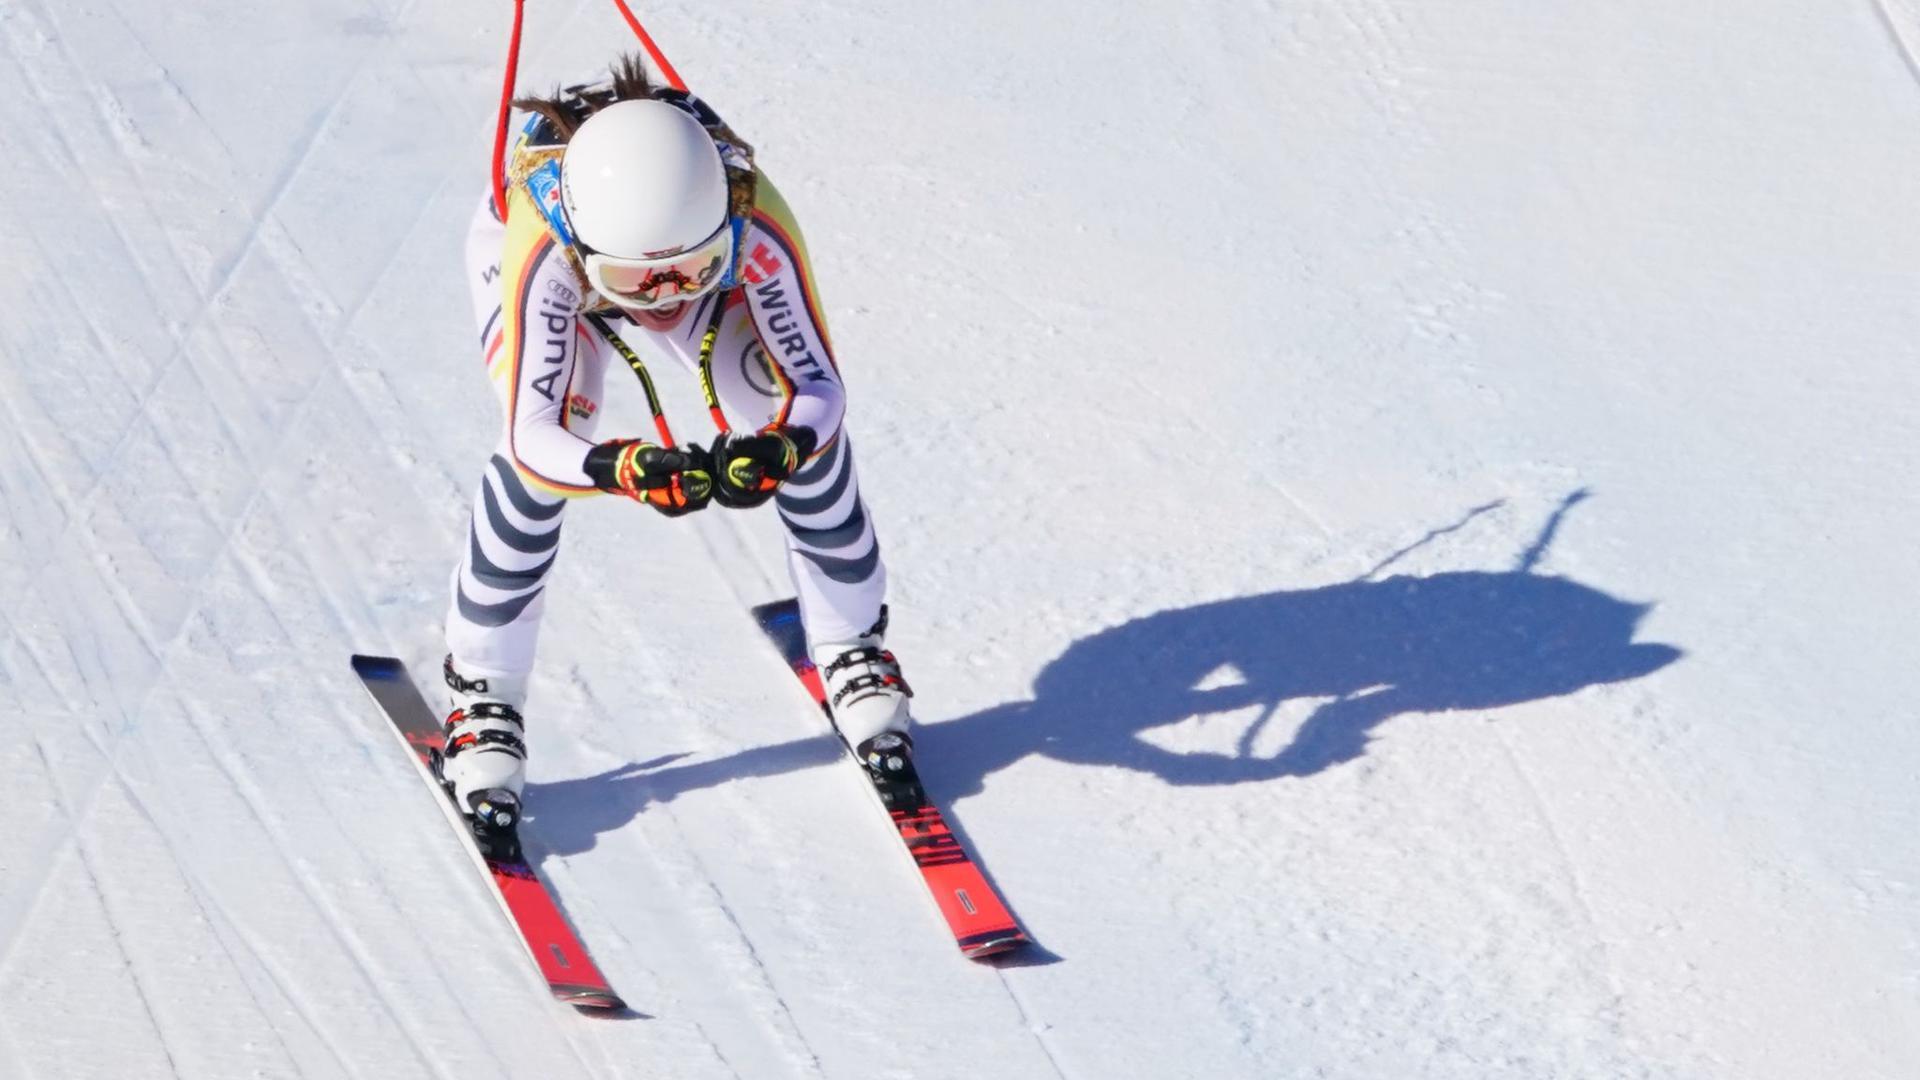 Kira Weidle fuhr bei der Weltcup-Abfahrt in Italien auf den vierten Platz.